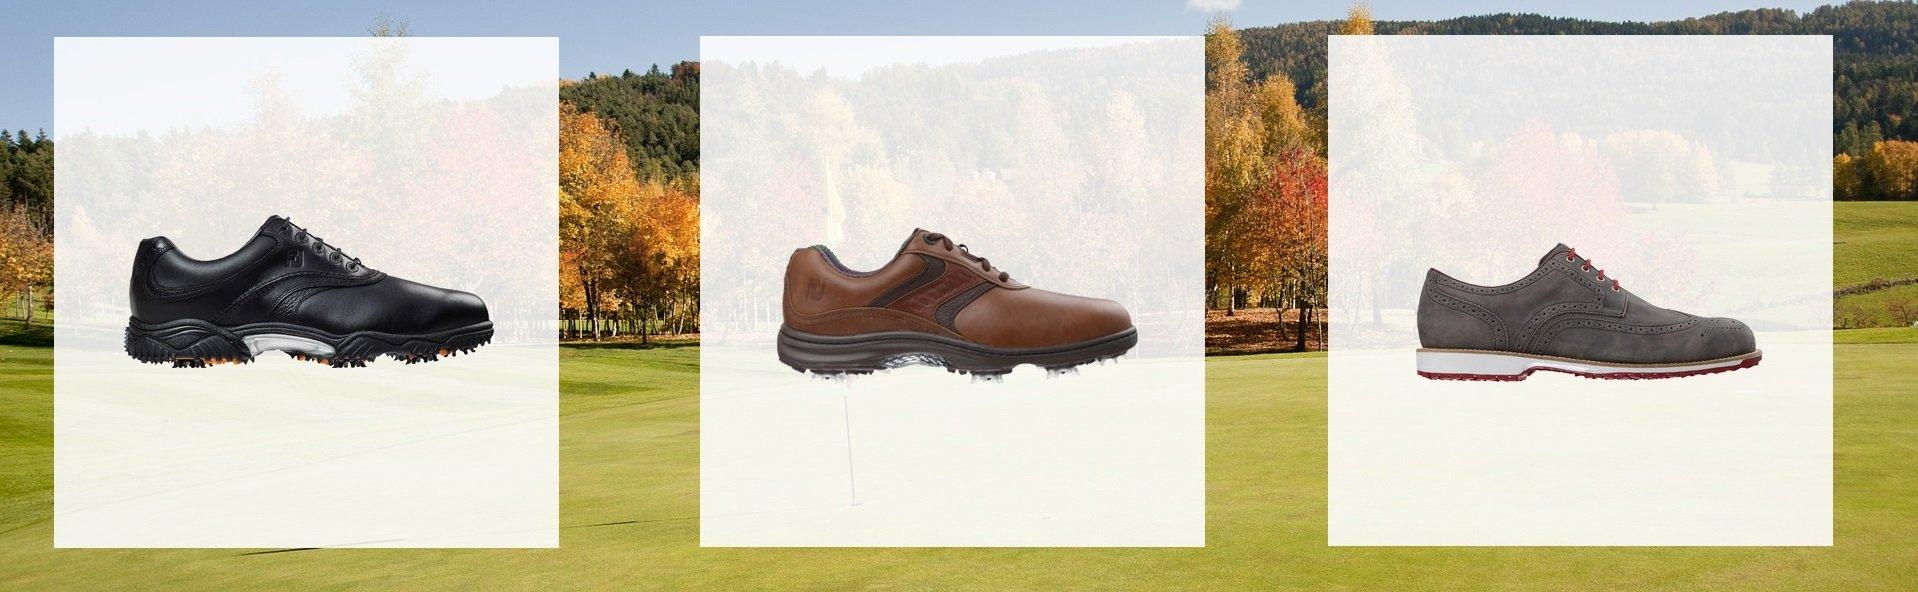 golfschuhe herbst - So vermeidest Du kalte Füße beim Golfen